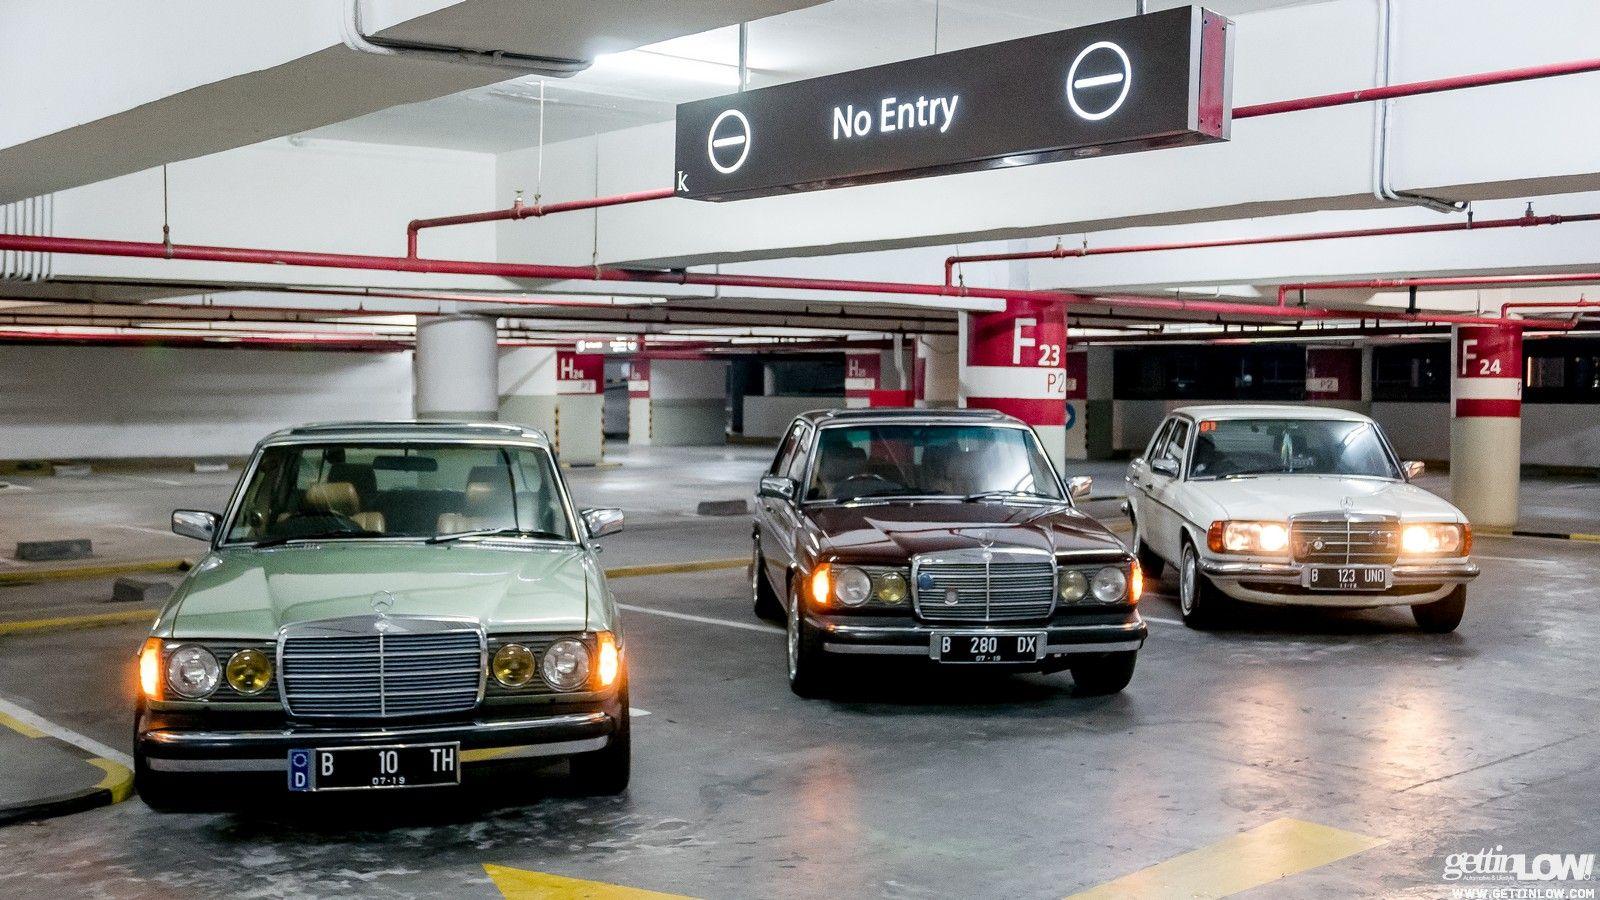 Pin By Verasut Boonyarataphant On Samochody Mercedes Benz Mercedes Mercedes Benz Classic